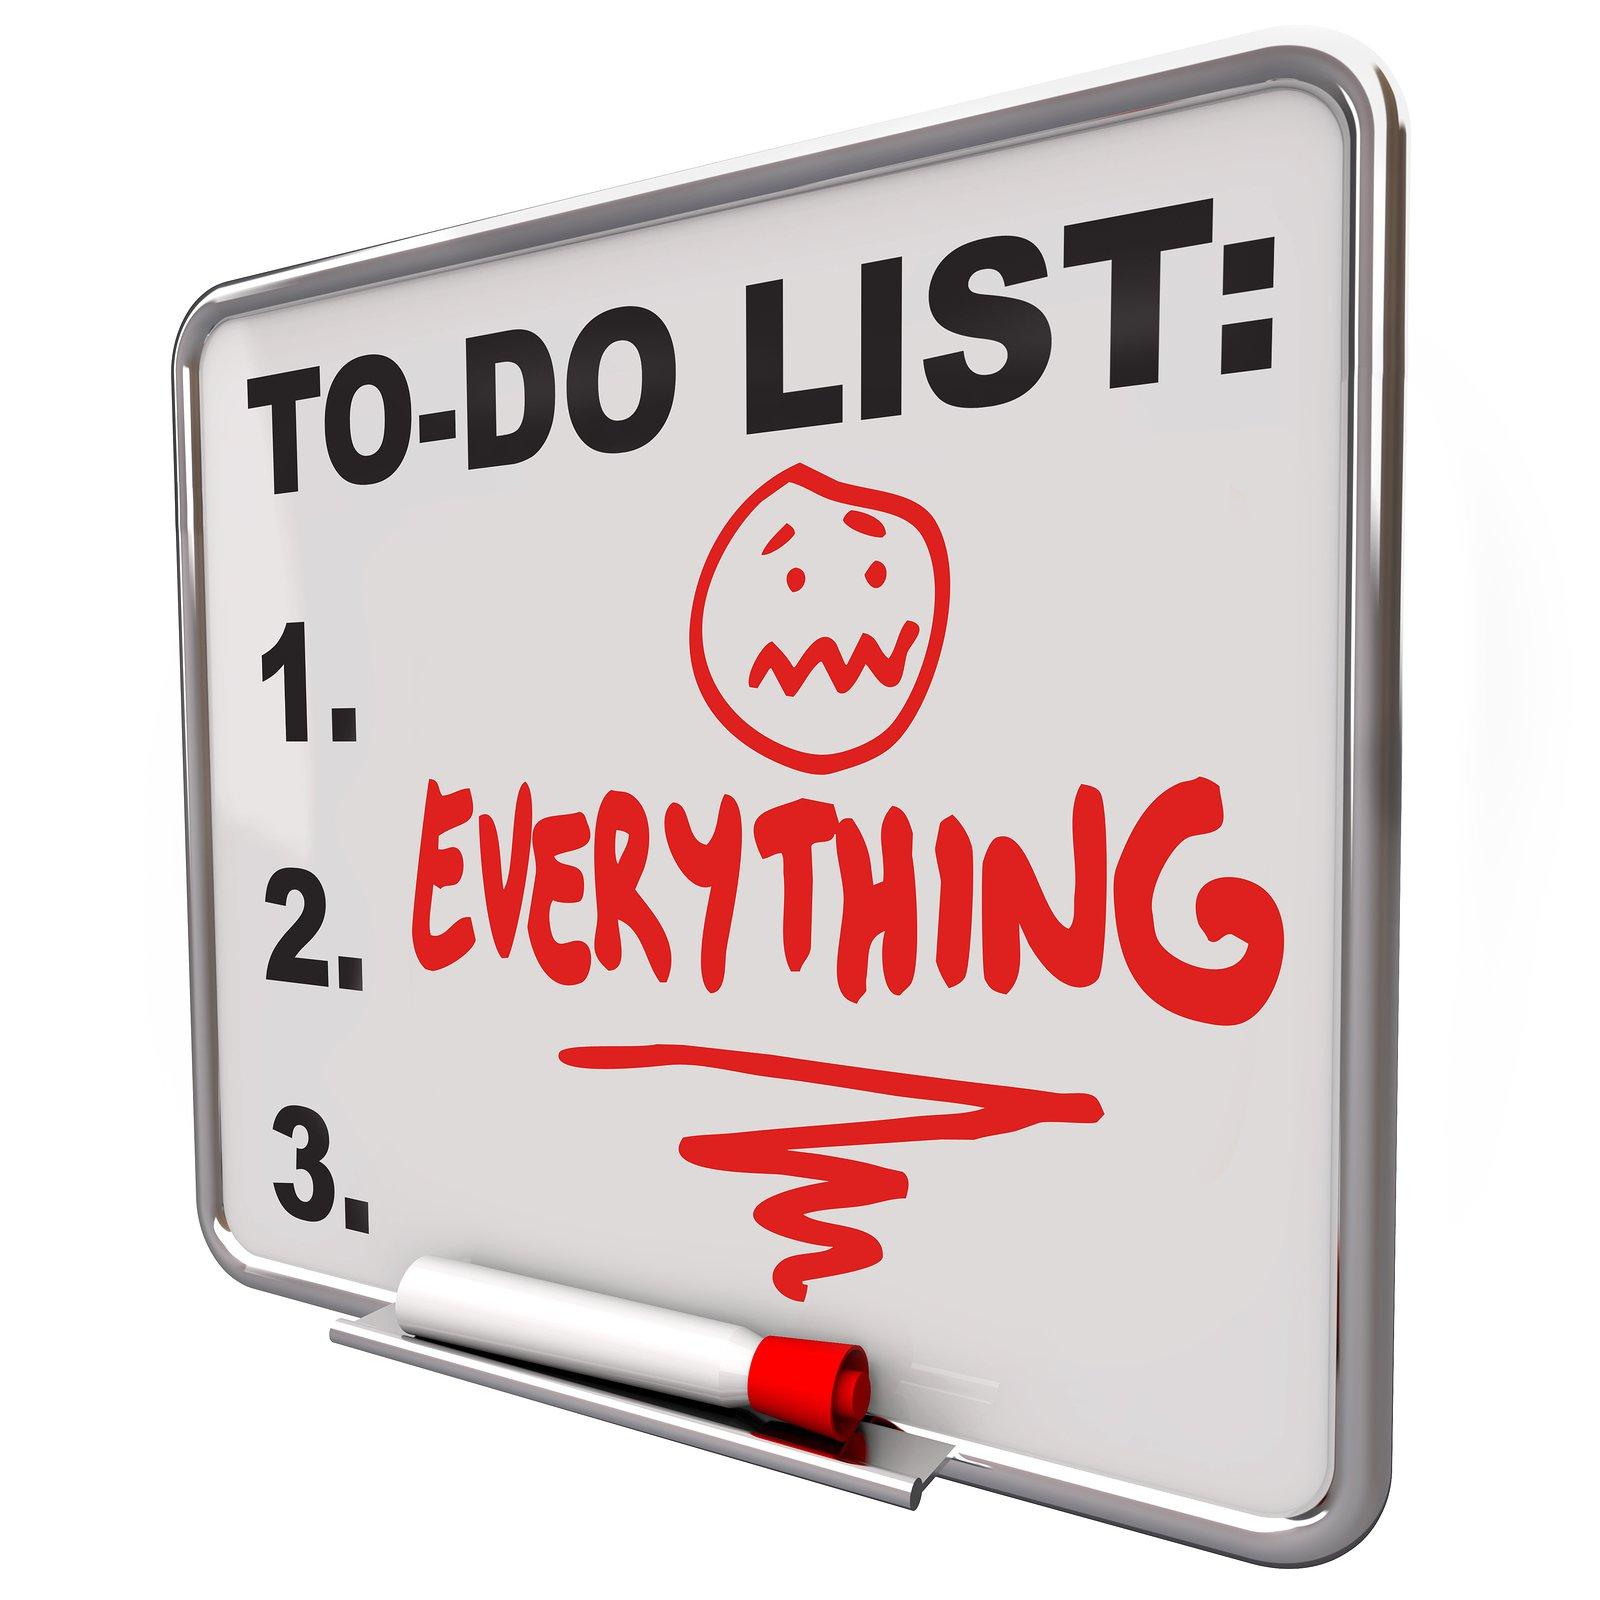 لیست کارهایی که یک تولید کننده محتوا باید انجام دهد